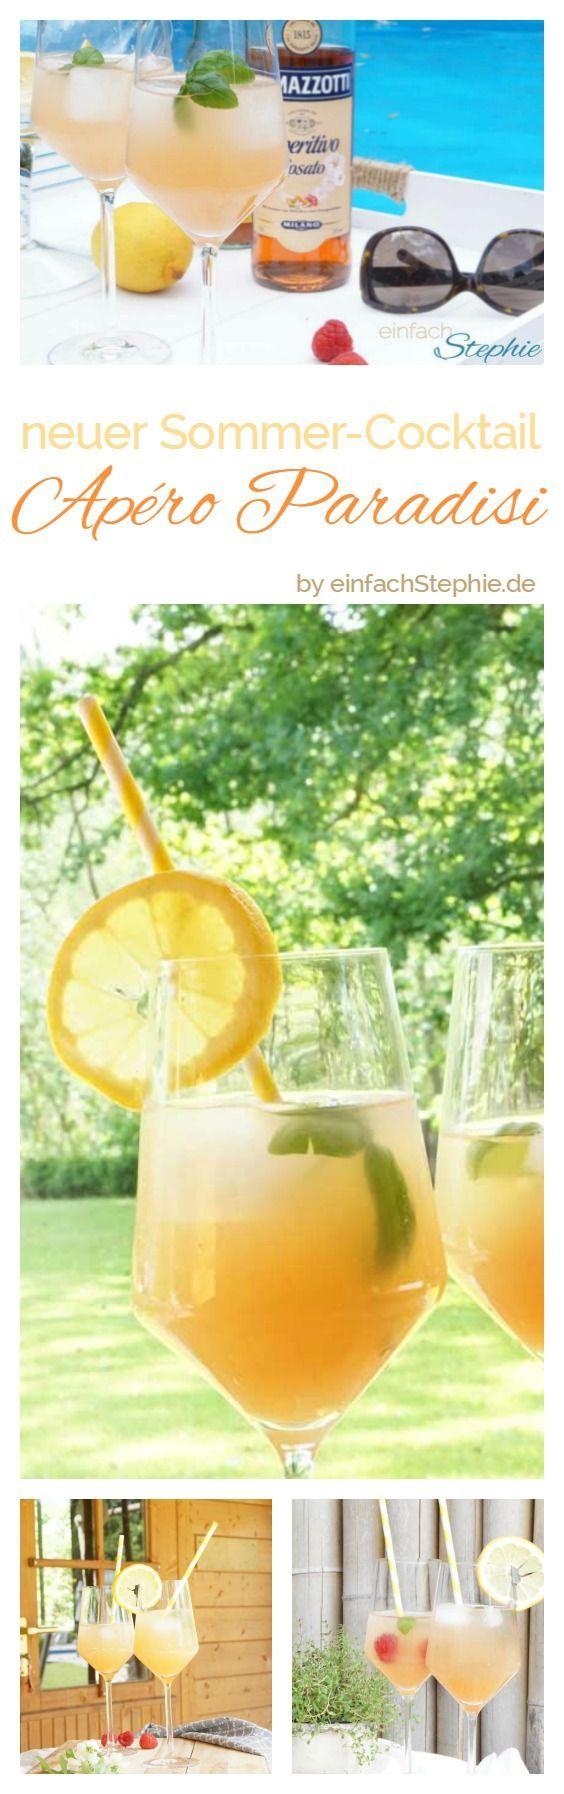 Neuer Sommer-Cocktail für liebe Freunde: Apéro Paradisi ⋆ einfach Stephie #cocktails